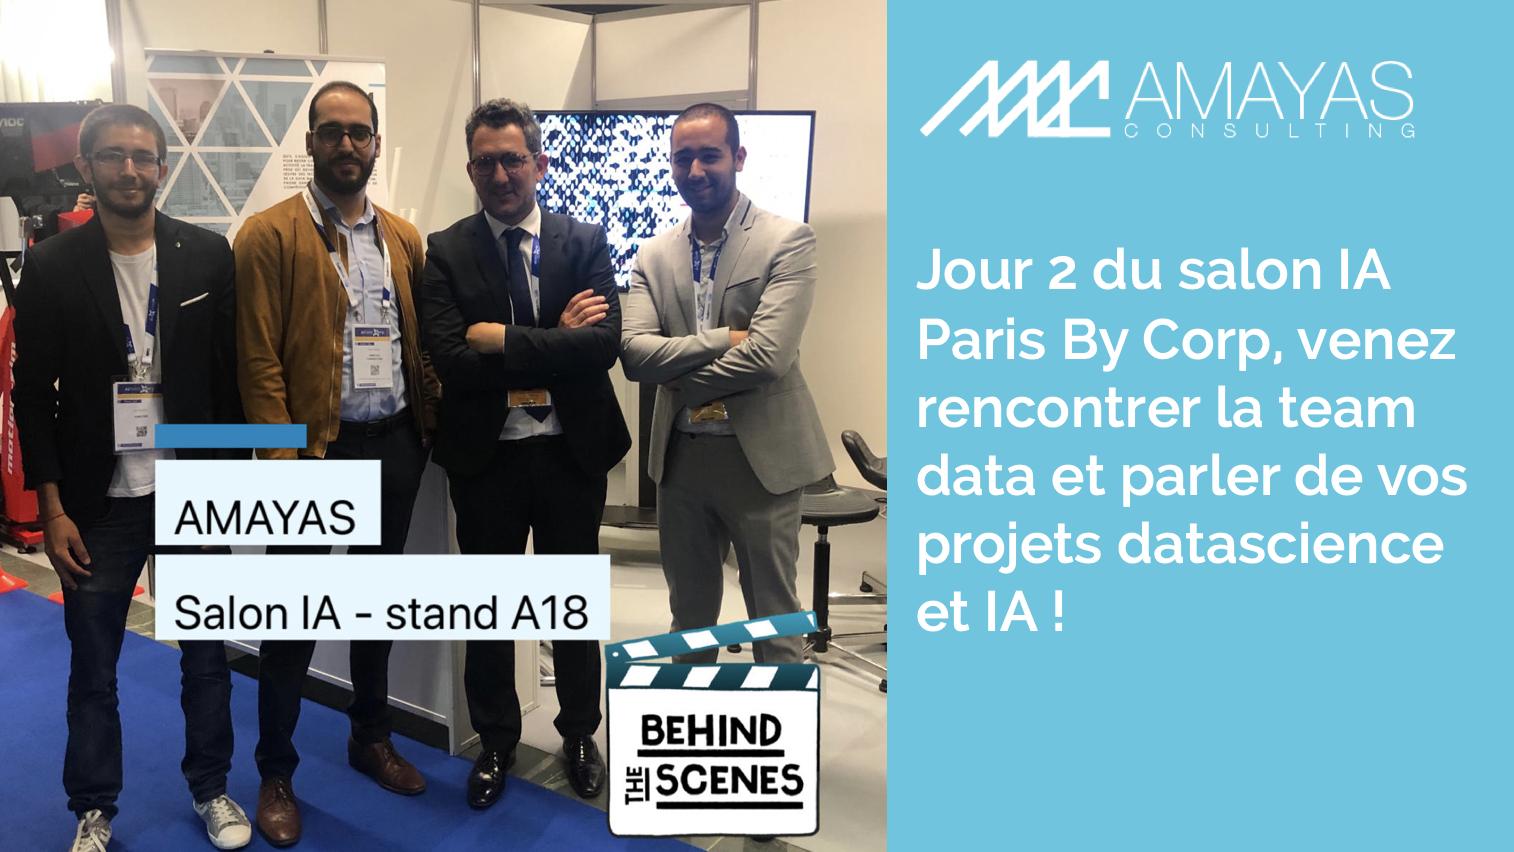 Jour 2 du salon IA Paris By Corp, venez rencontrer la team data et parler de vos projets datascience et IA !